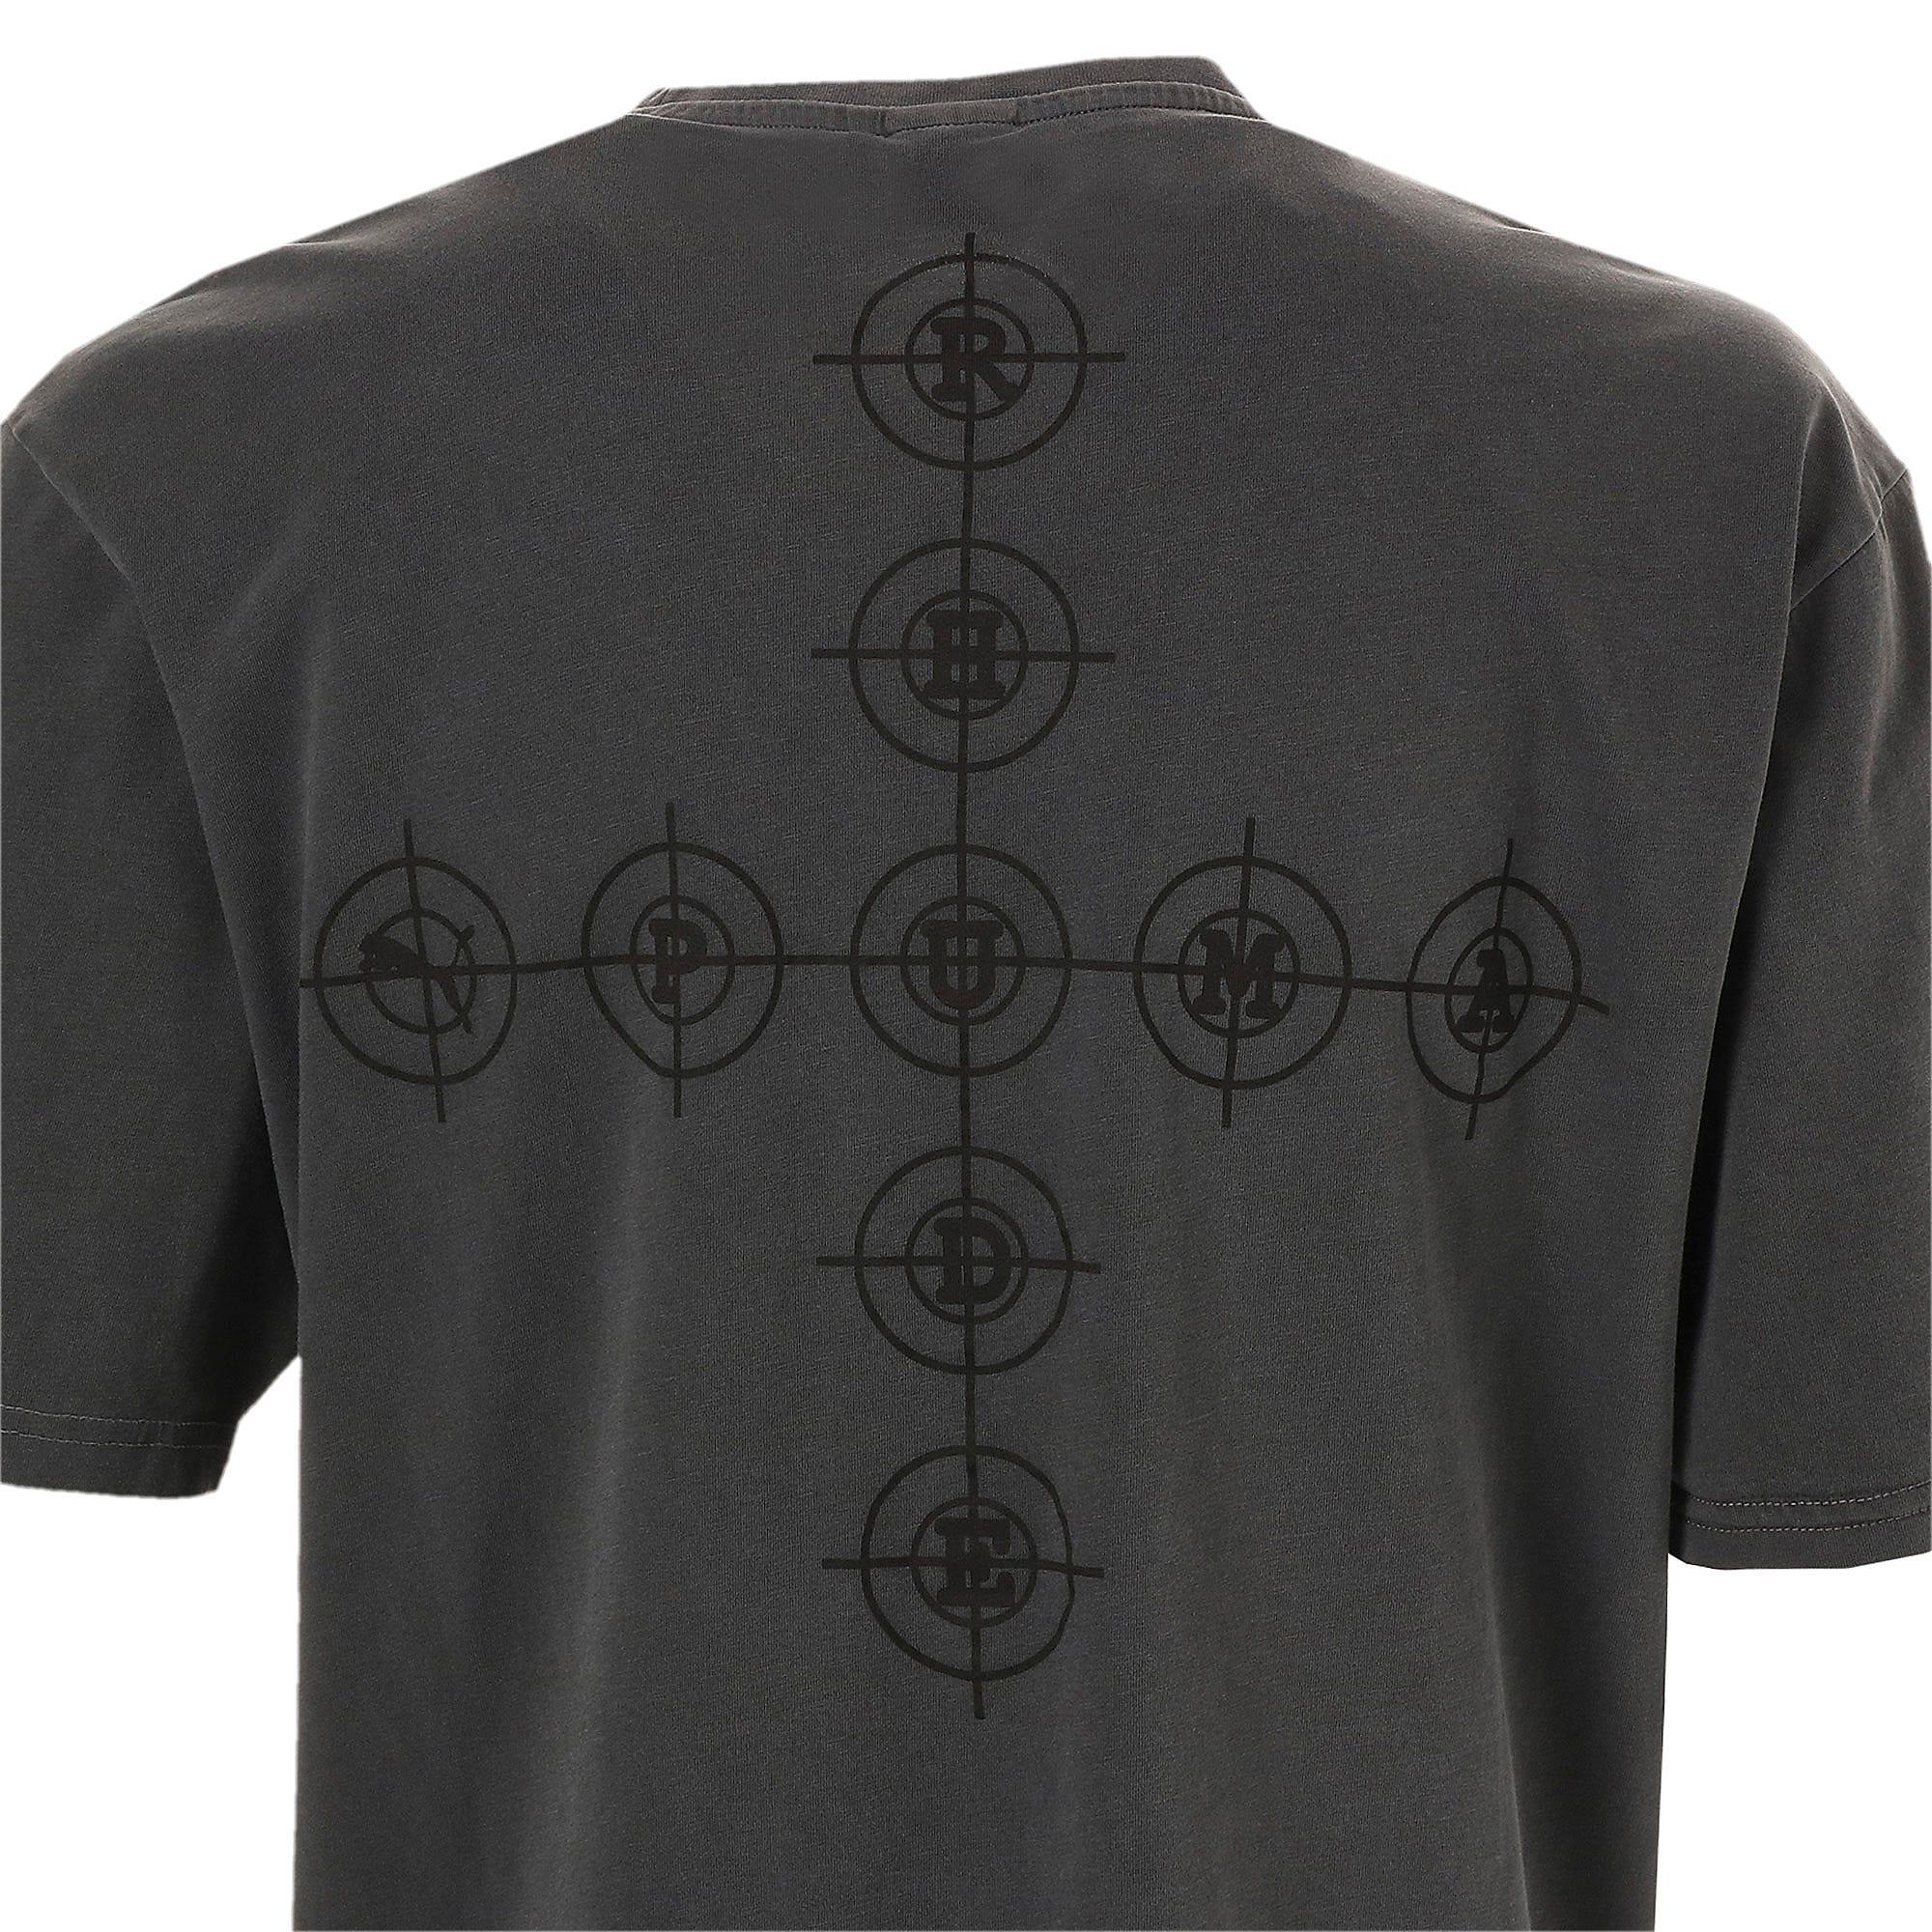 Thumbnail 8 of PUMA x RHUDE Tシャツ, Puma Black, medium-JPN